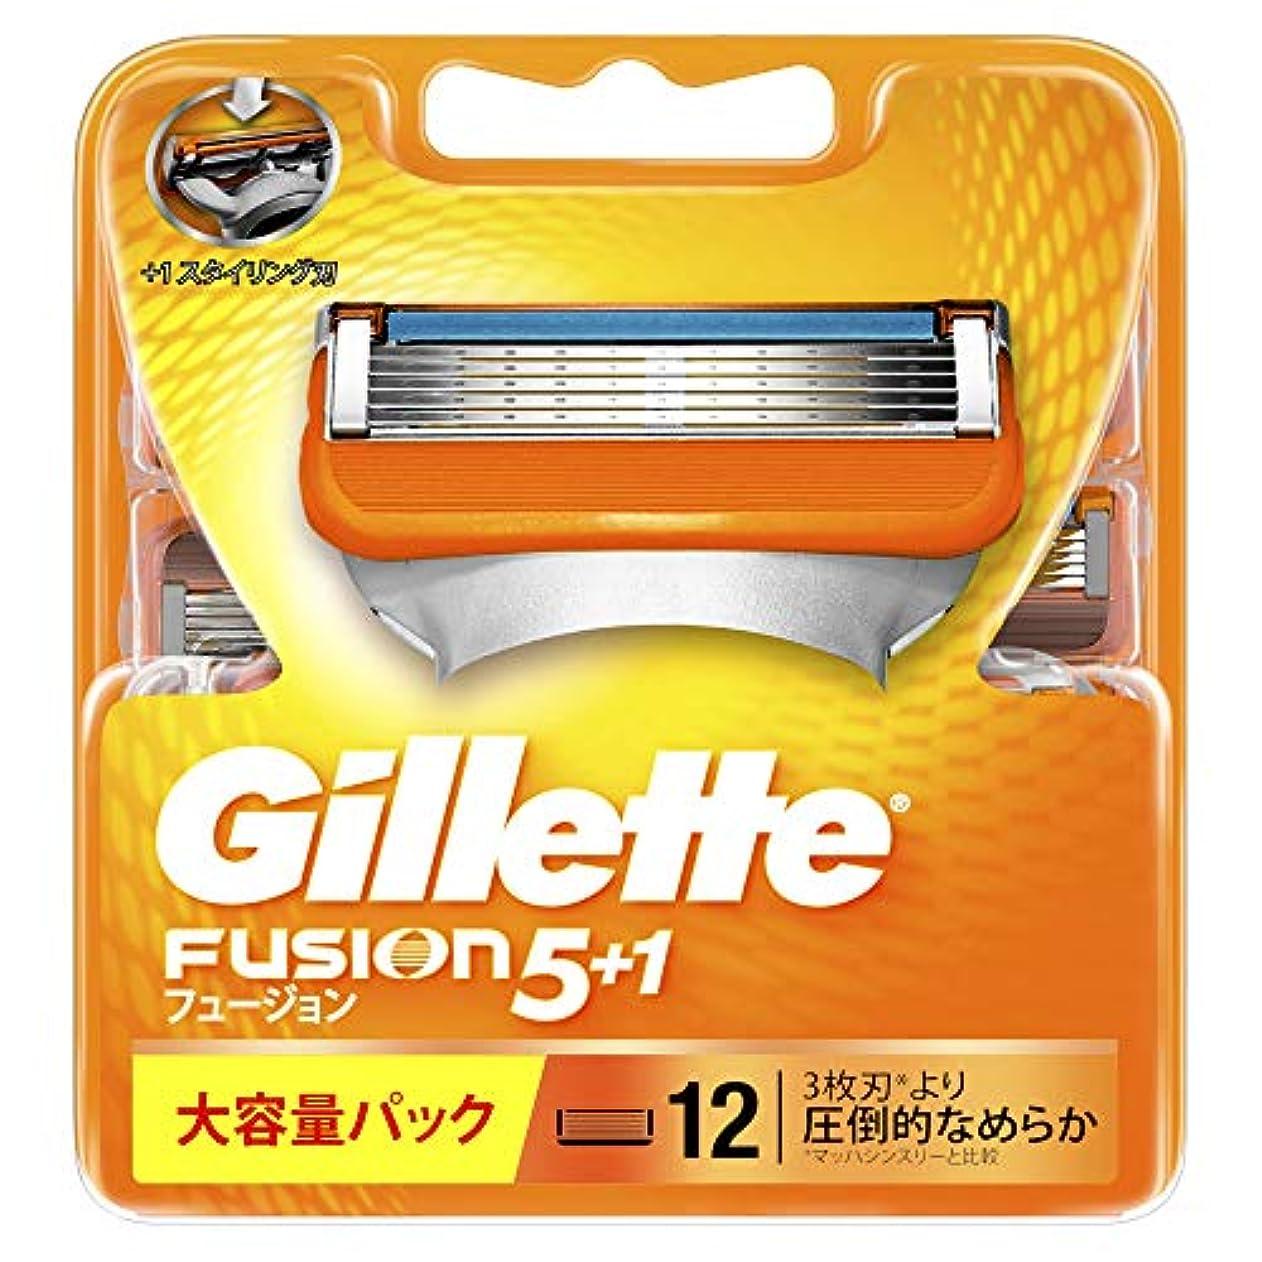 保持人種上に築きますジレット フュージョン5+1 マニュアル 髭剃り 替刃 12コ入